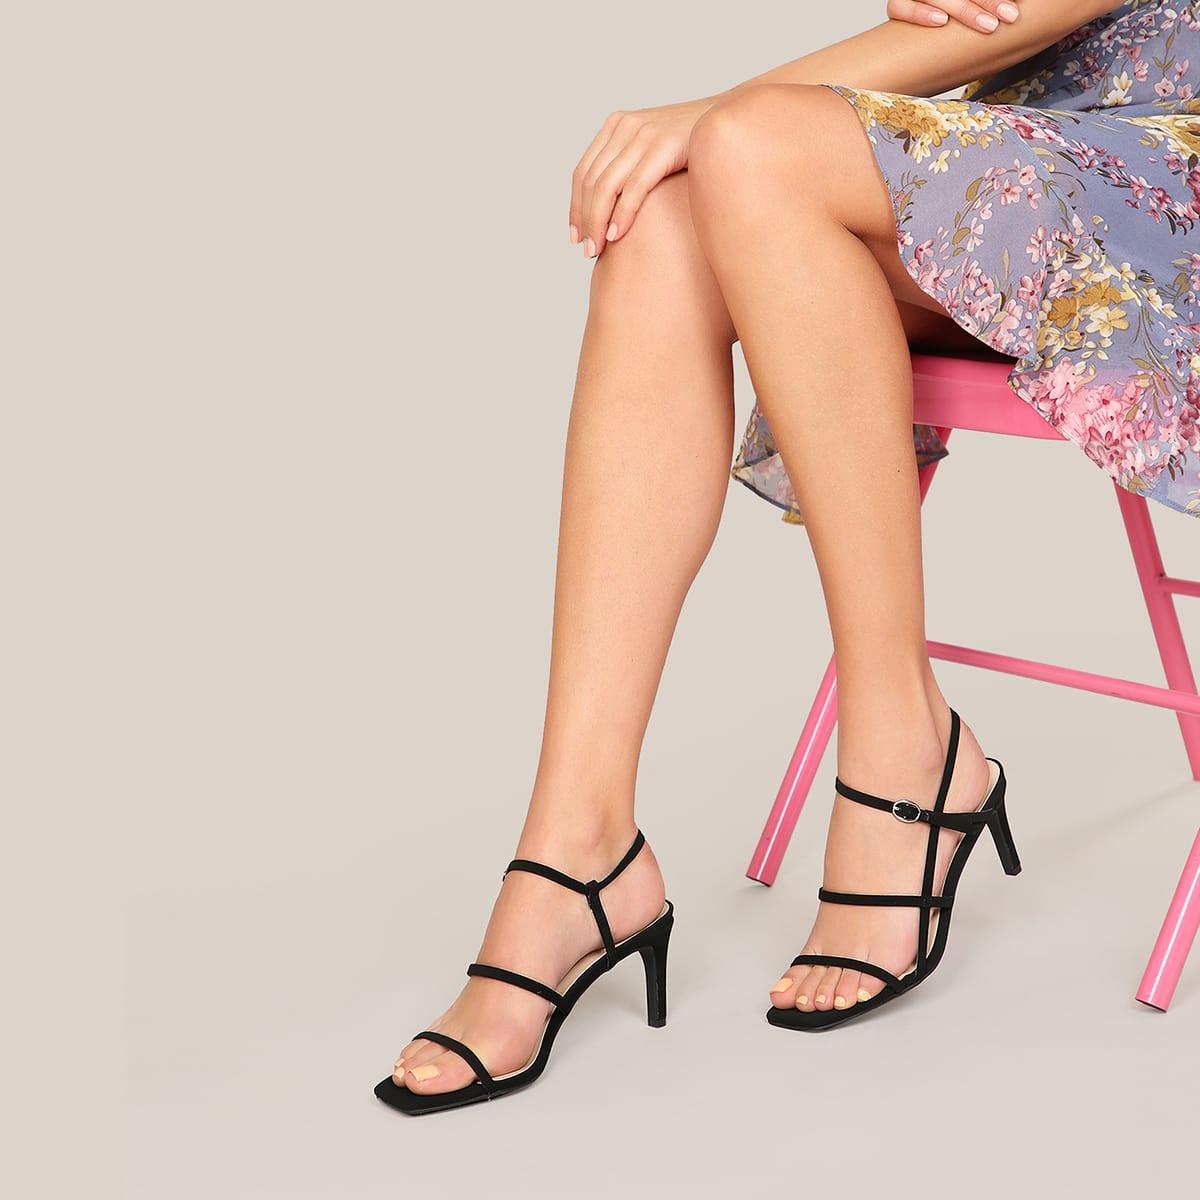 Сандалии на каблуках с открытой пяткой и квадратным носком